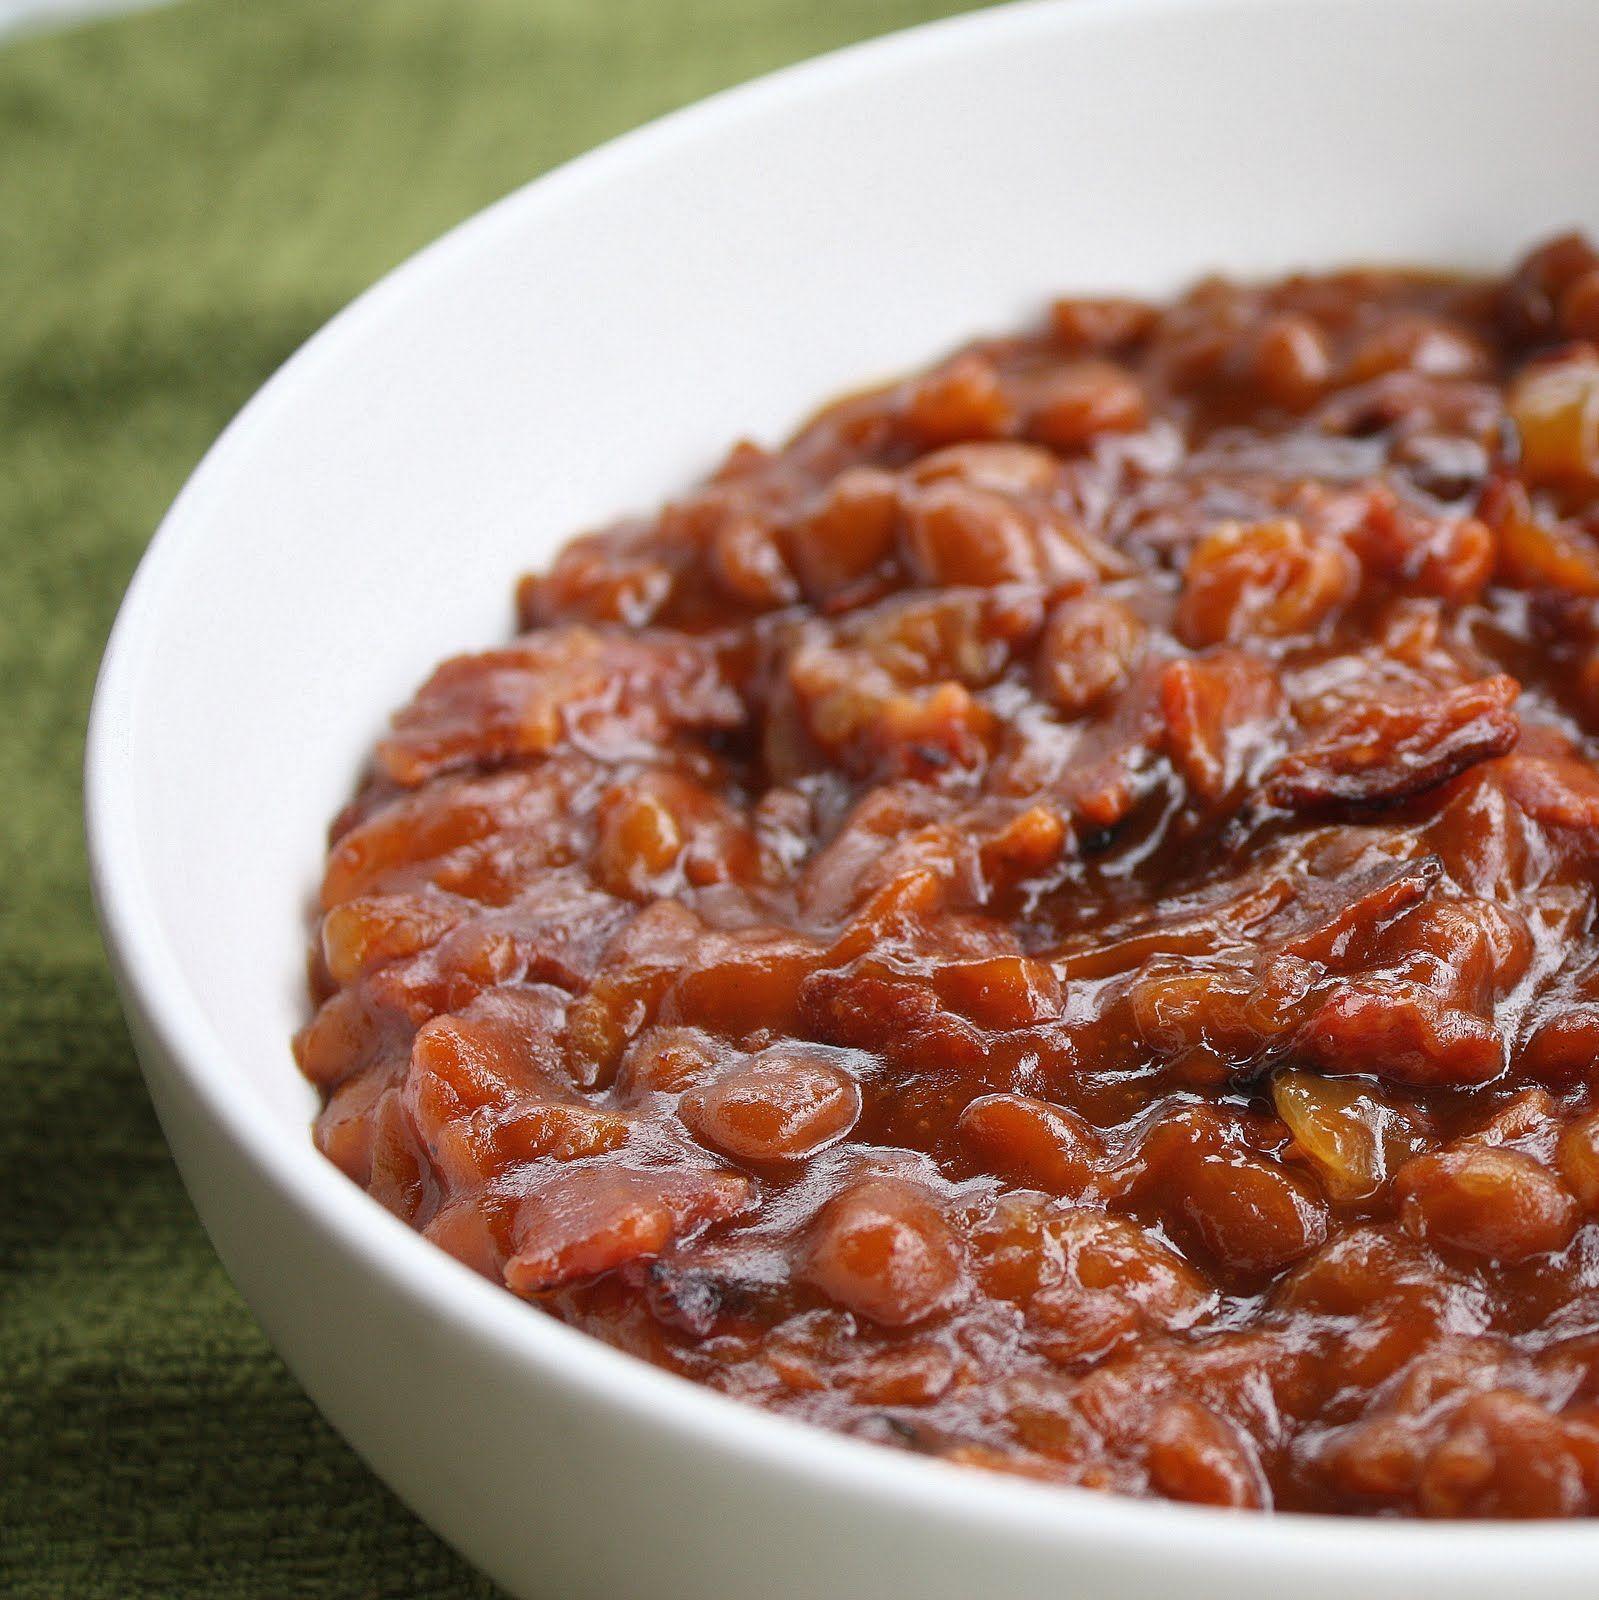 Trisha Yearwood's Baked Beans | Recipe | Bake beans, Beans ...